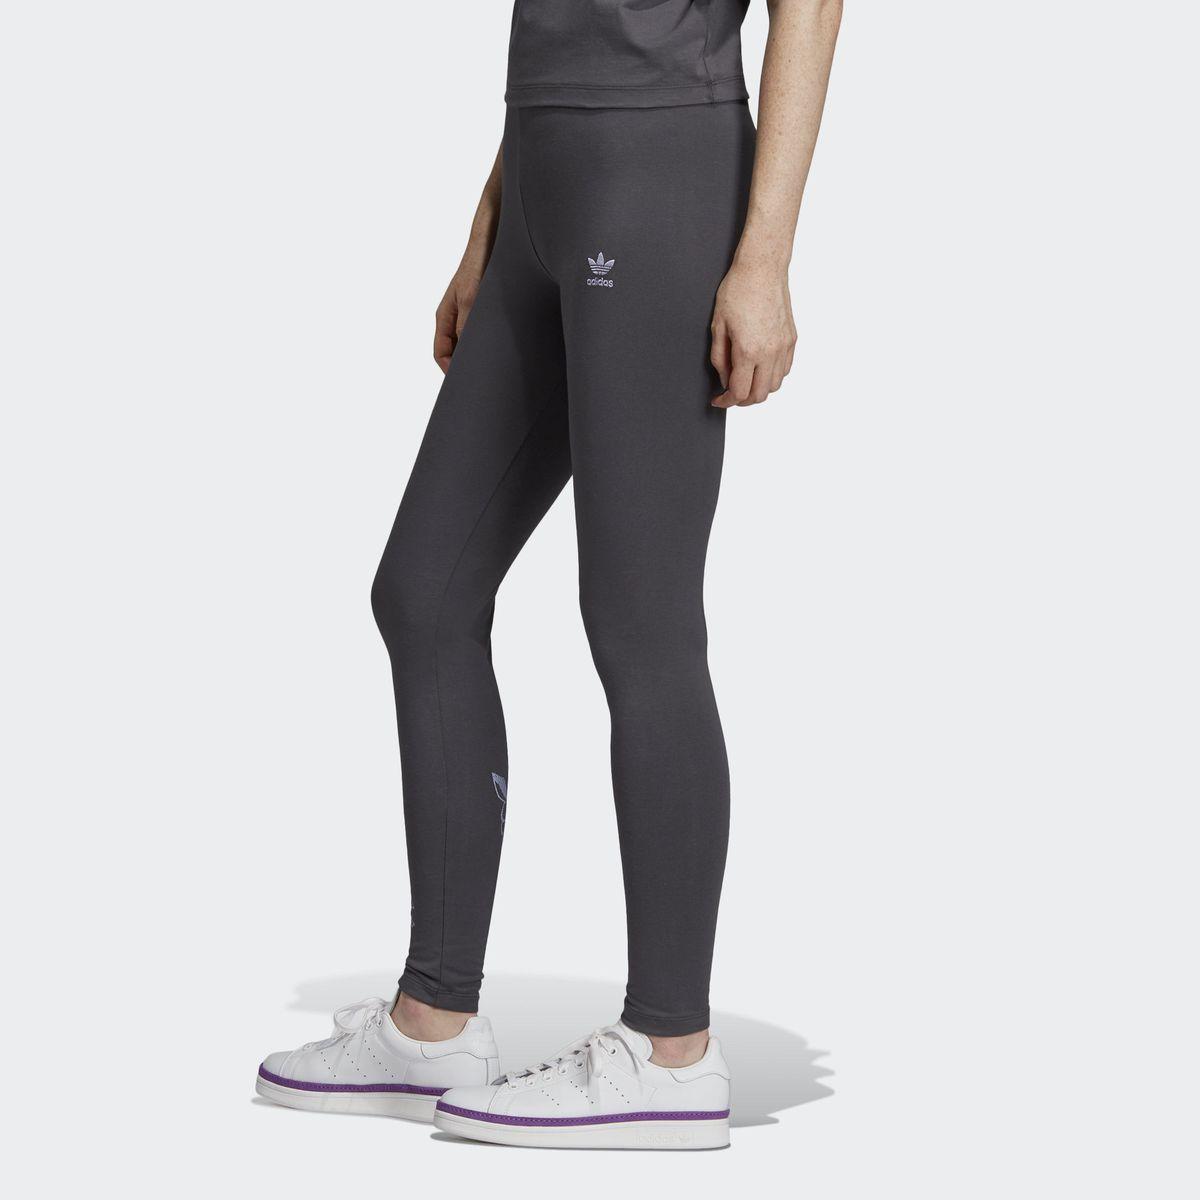 comment porter le pantalon training adidas